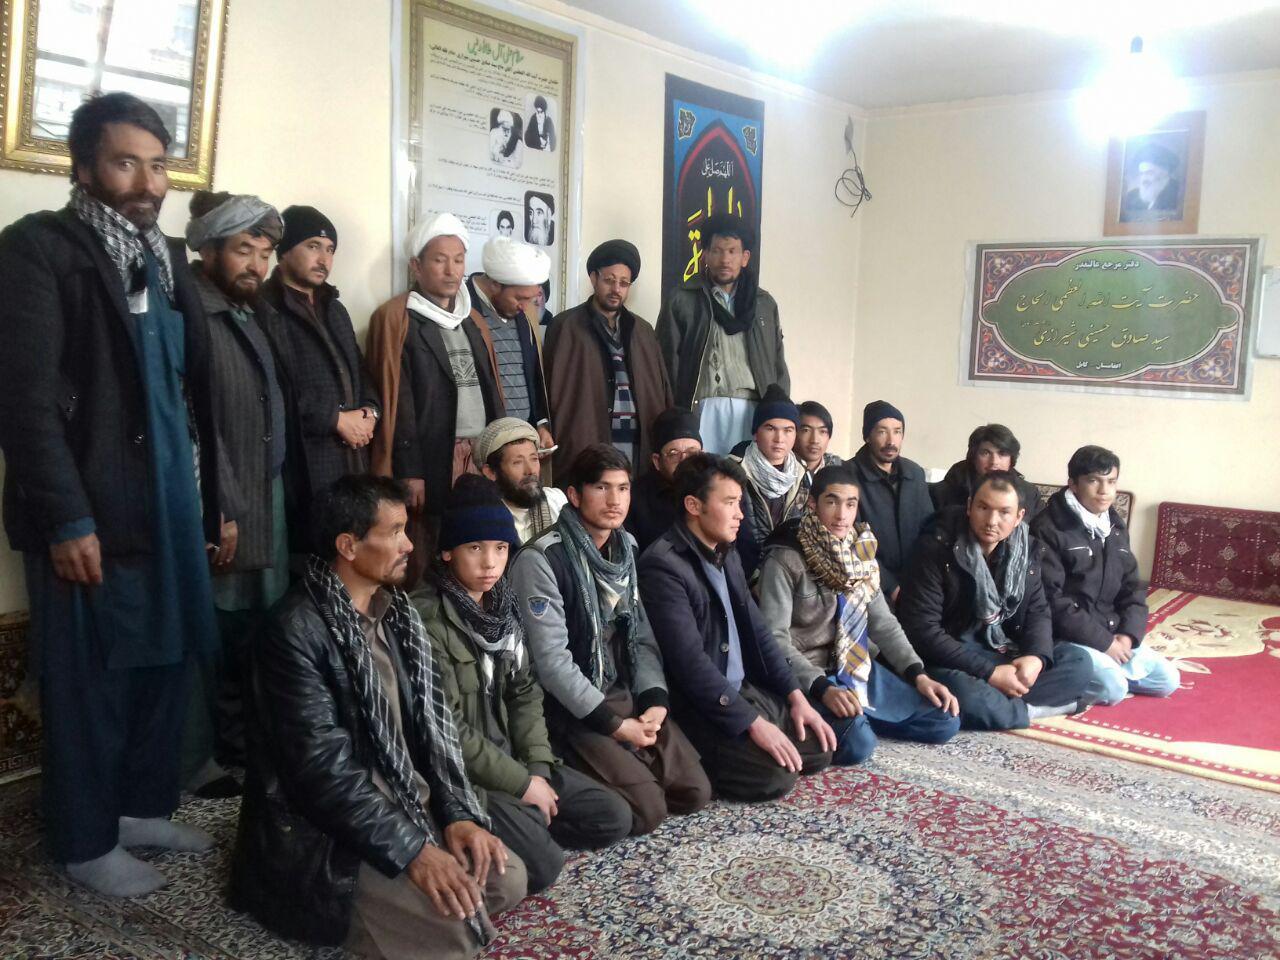 تصویر دیدار تعدادی از شخصیت های دینی و اجتماعی ولایت «بامیان» با نماینده مرجعیت شیعه، در کابل